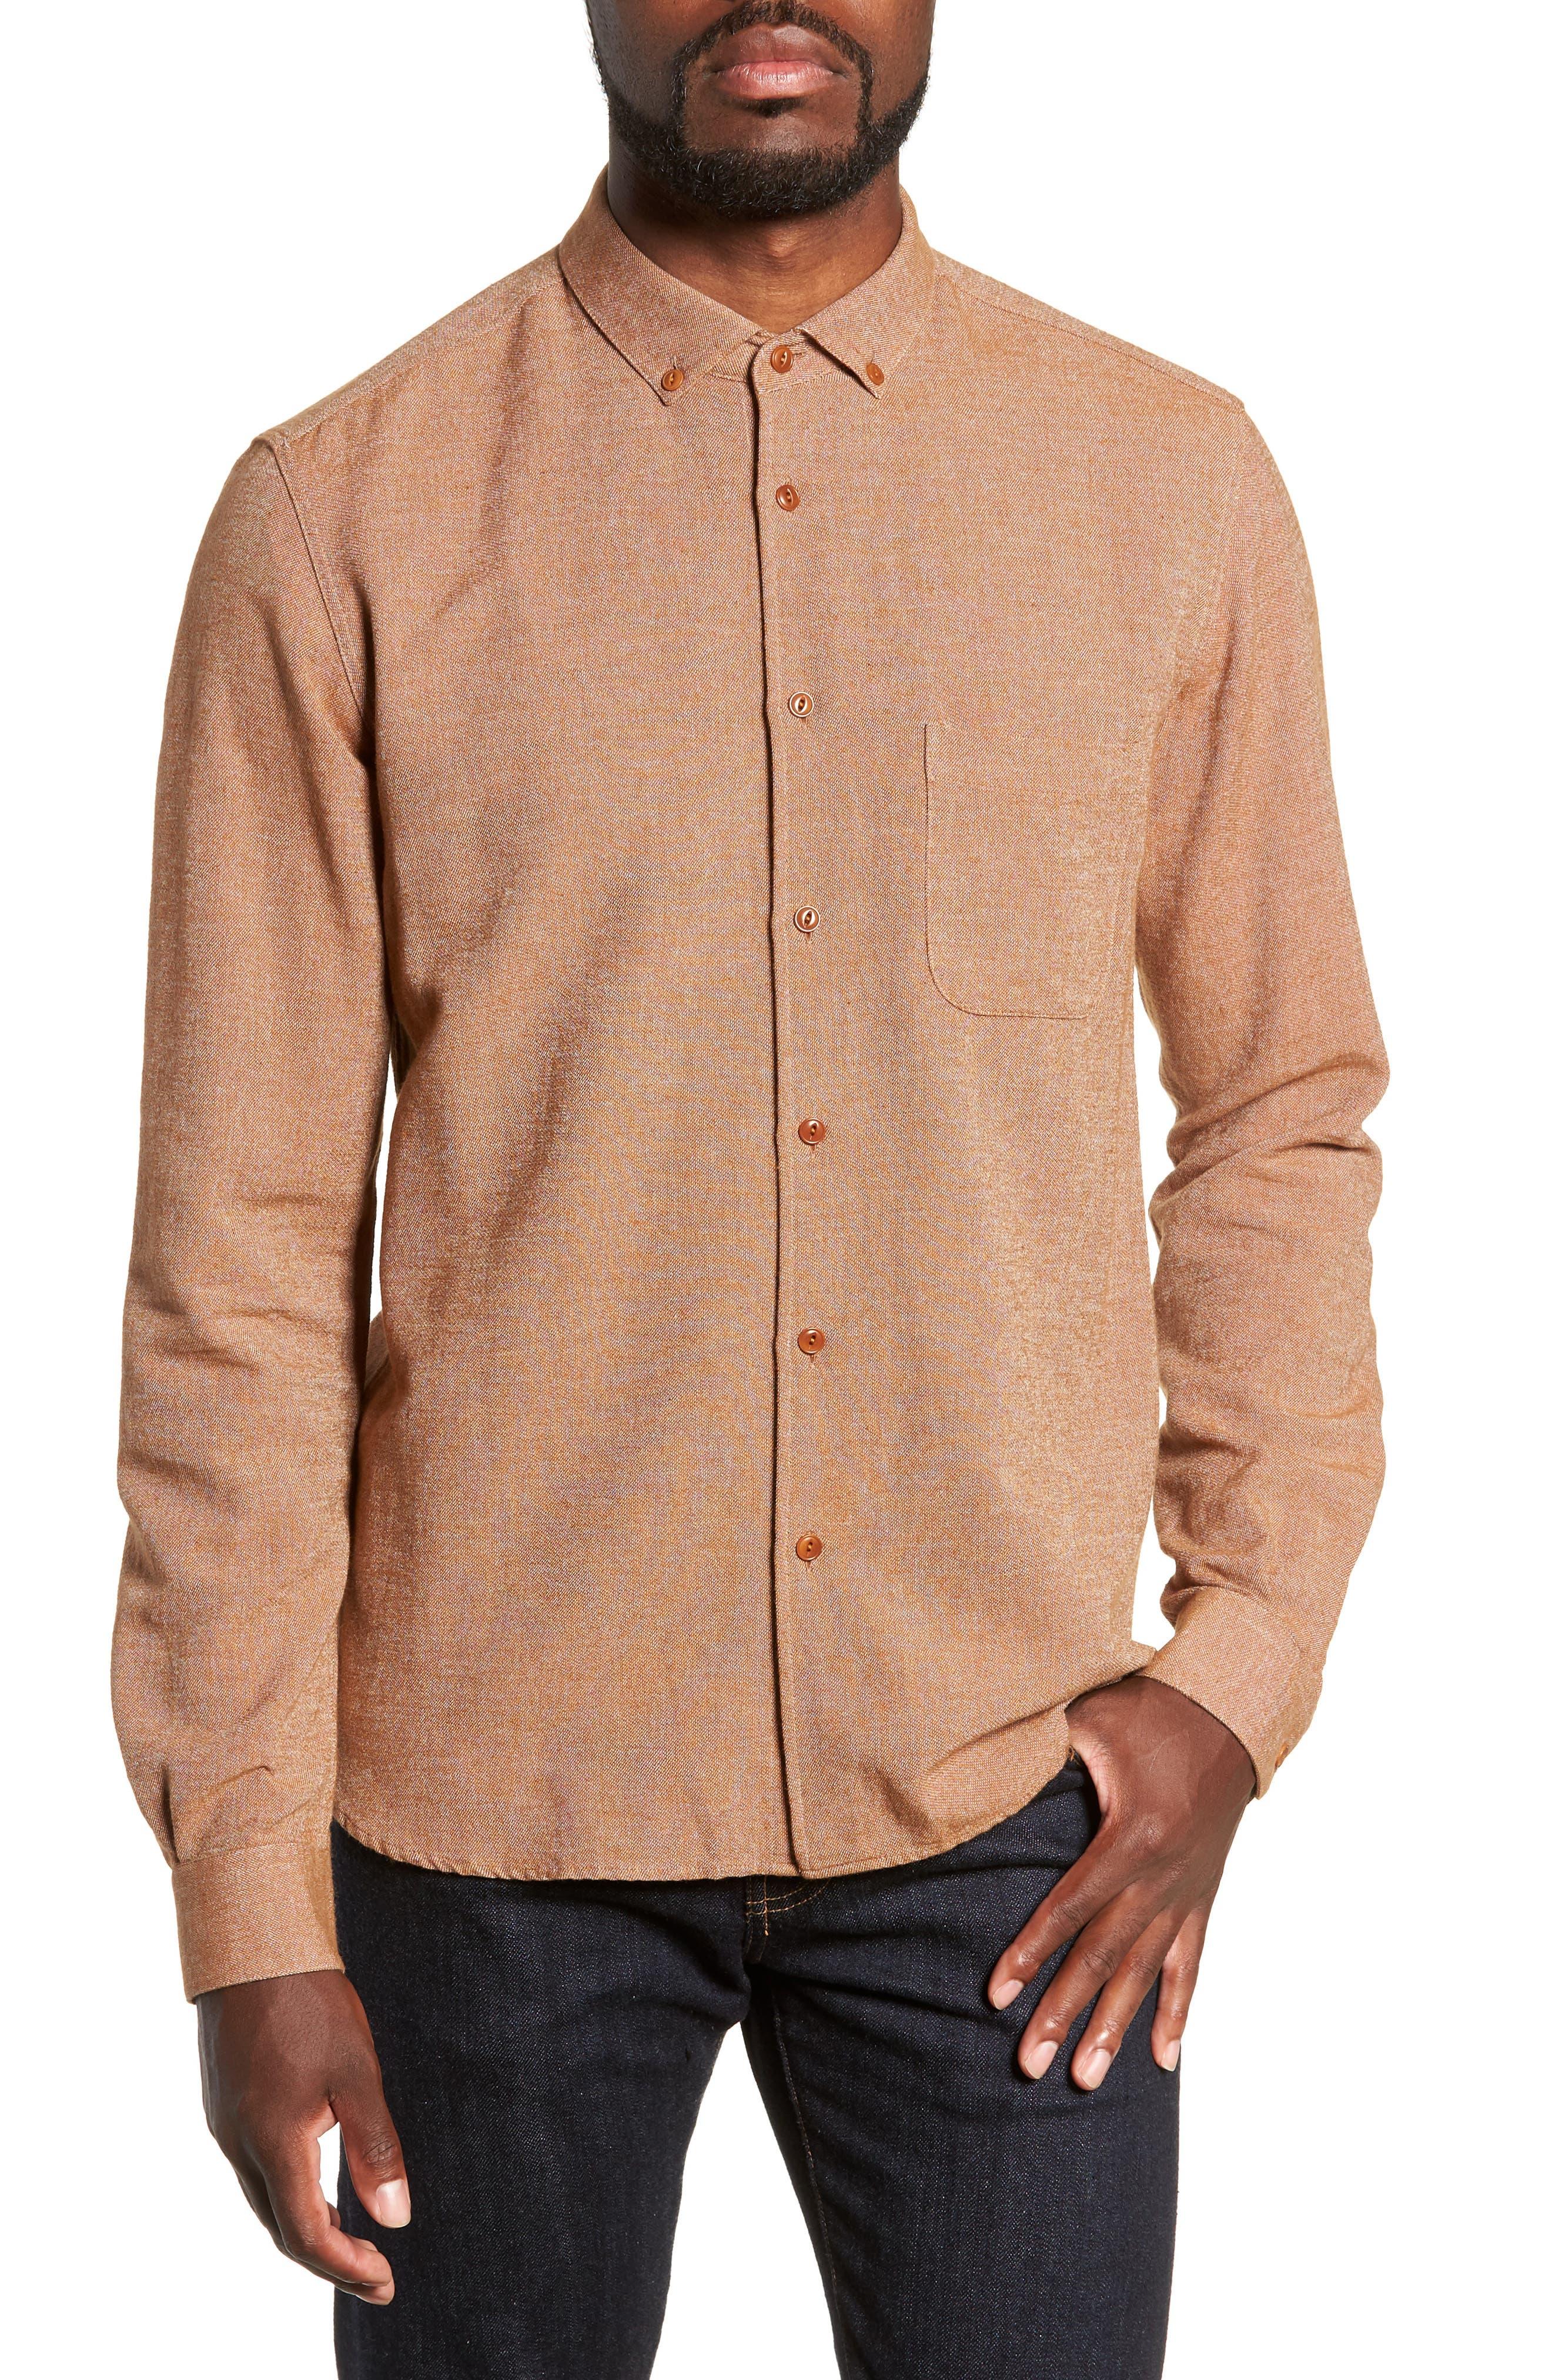 Dean Regular Fit Chambray Shirt,                             Main thumbnail 1, color,                             200